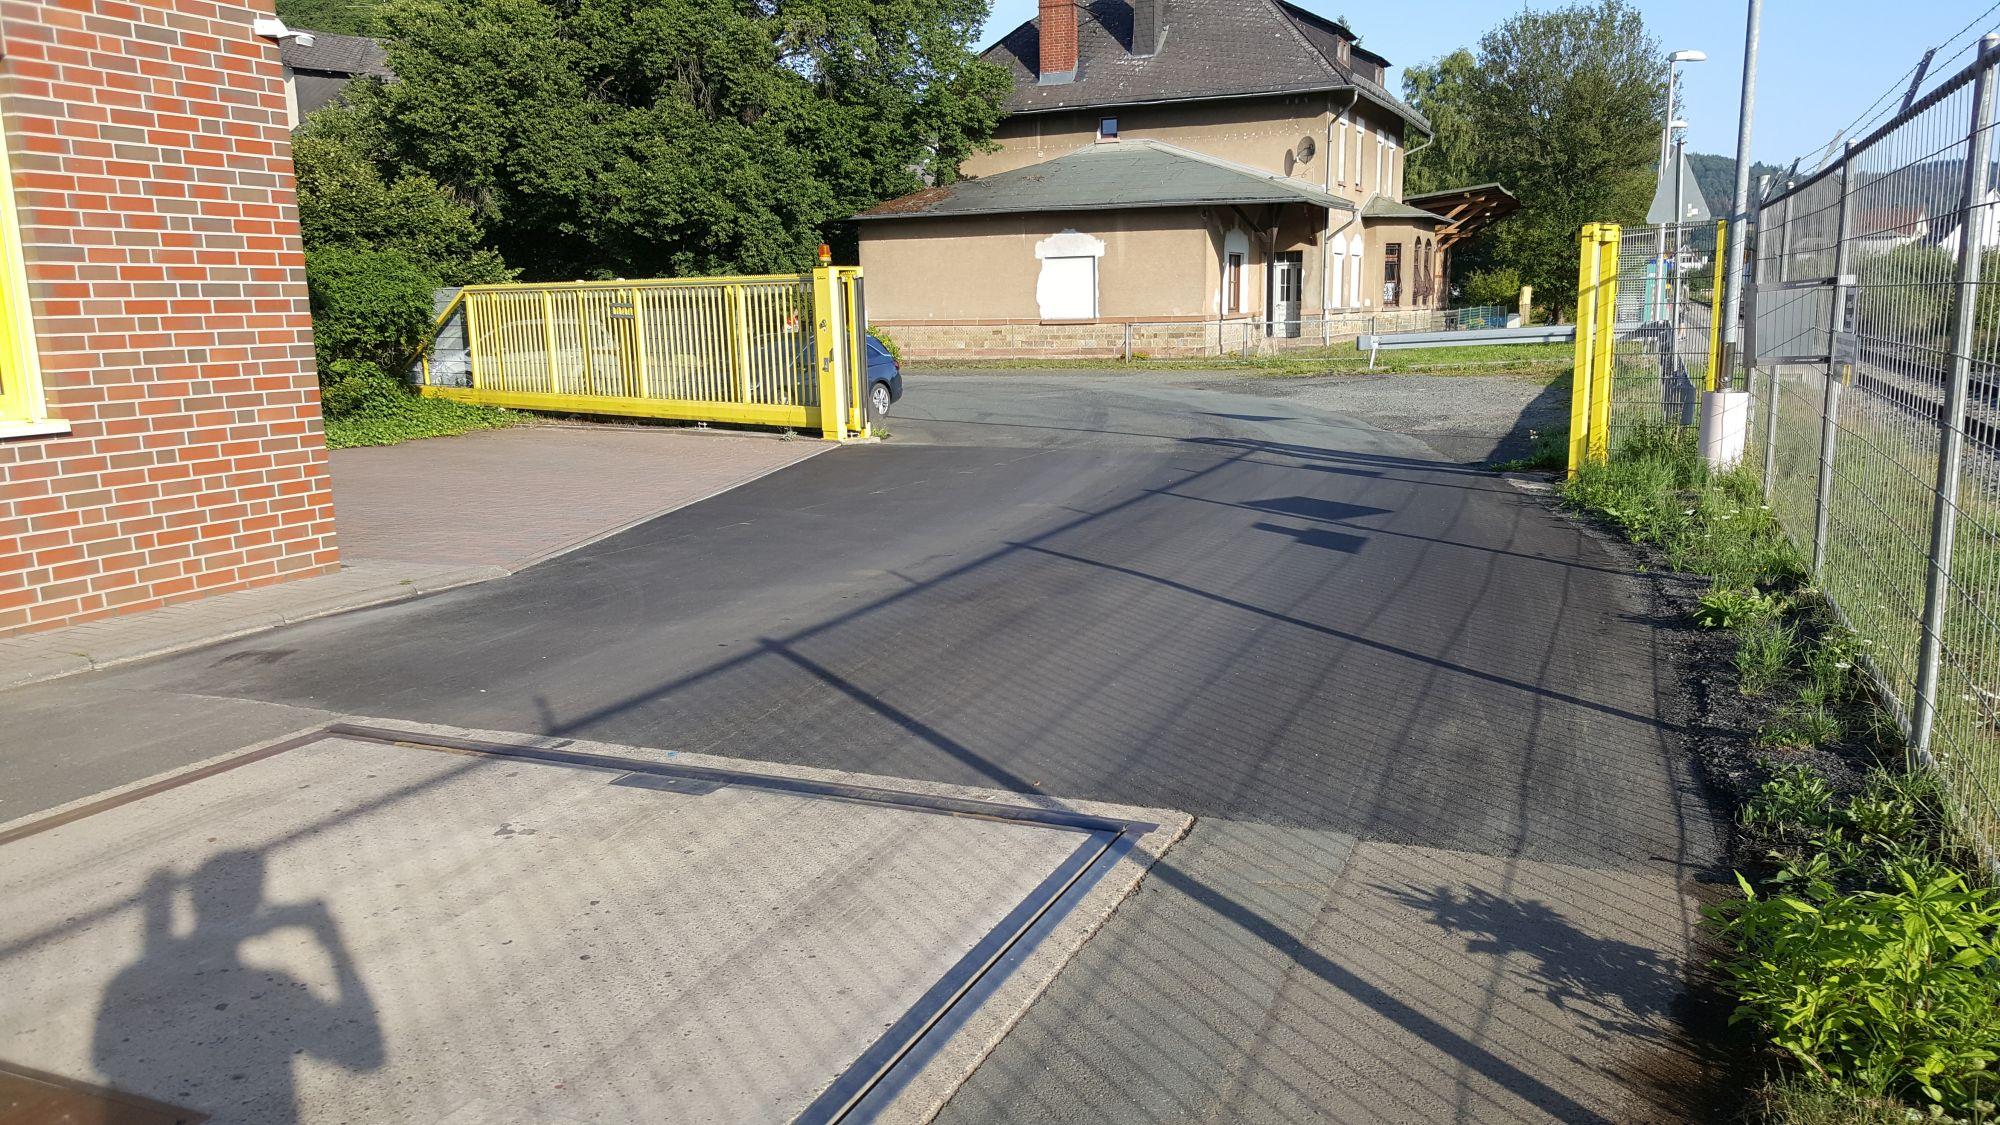 SDS-Rohstoffverwertung Schäfer & Scheffel GmbH | 2019